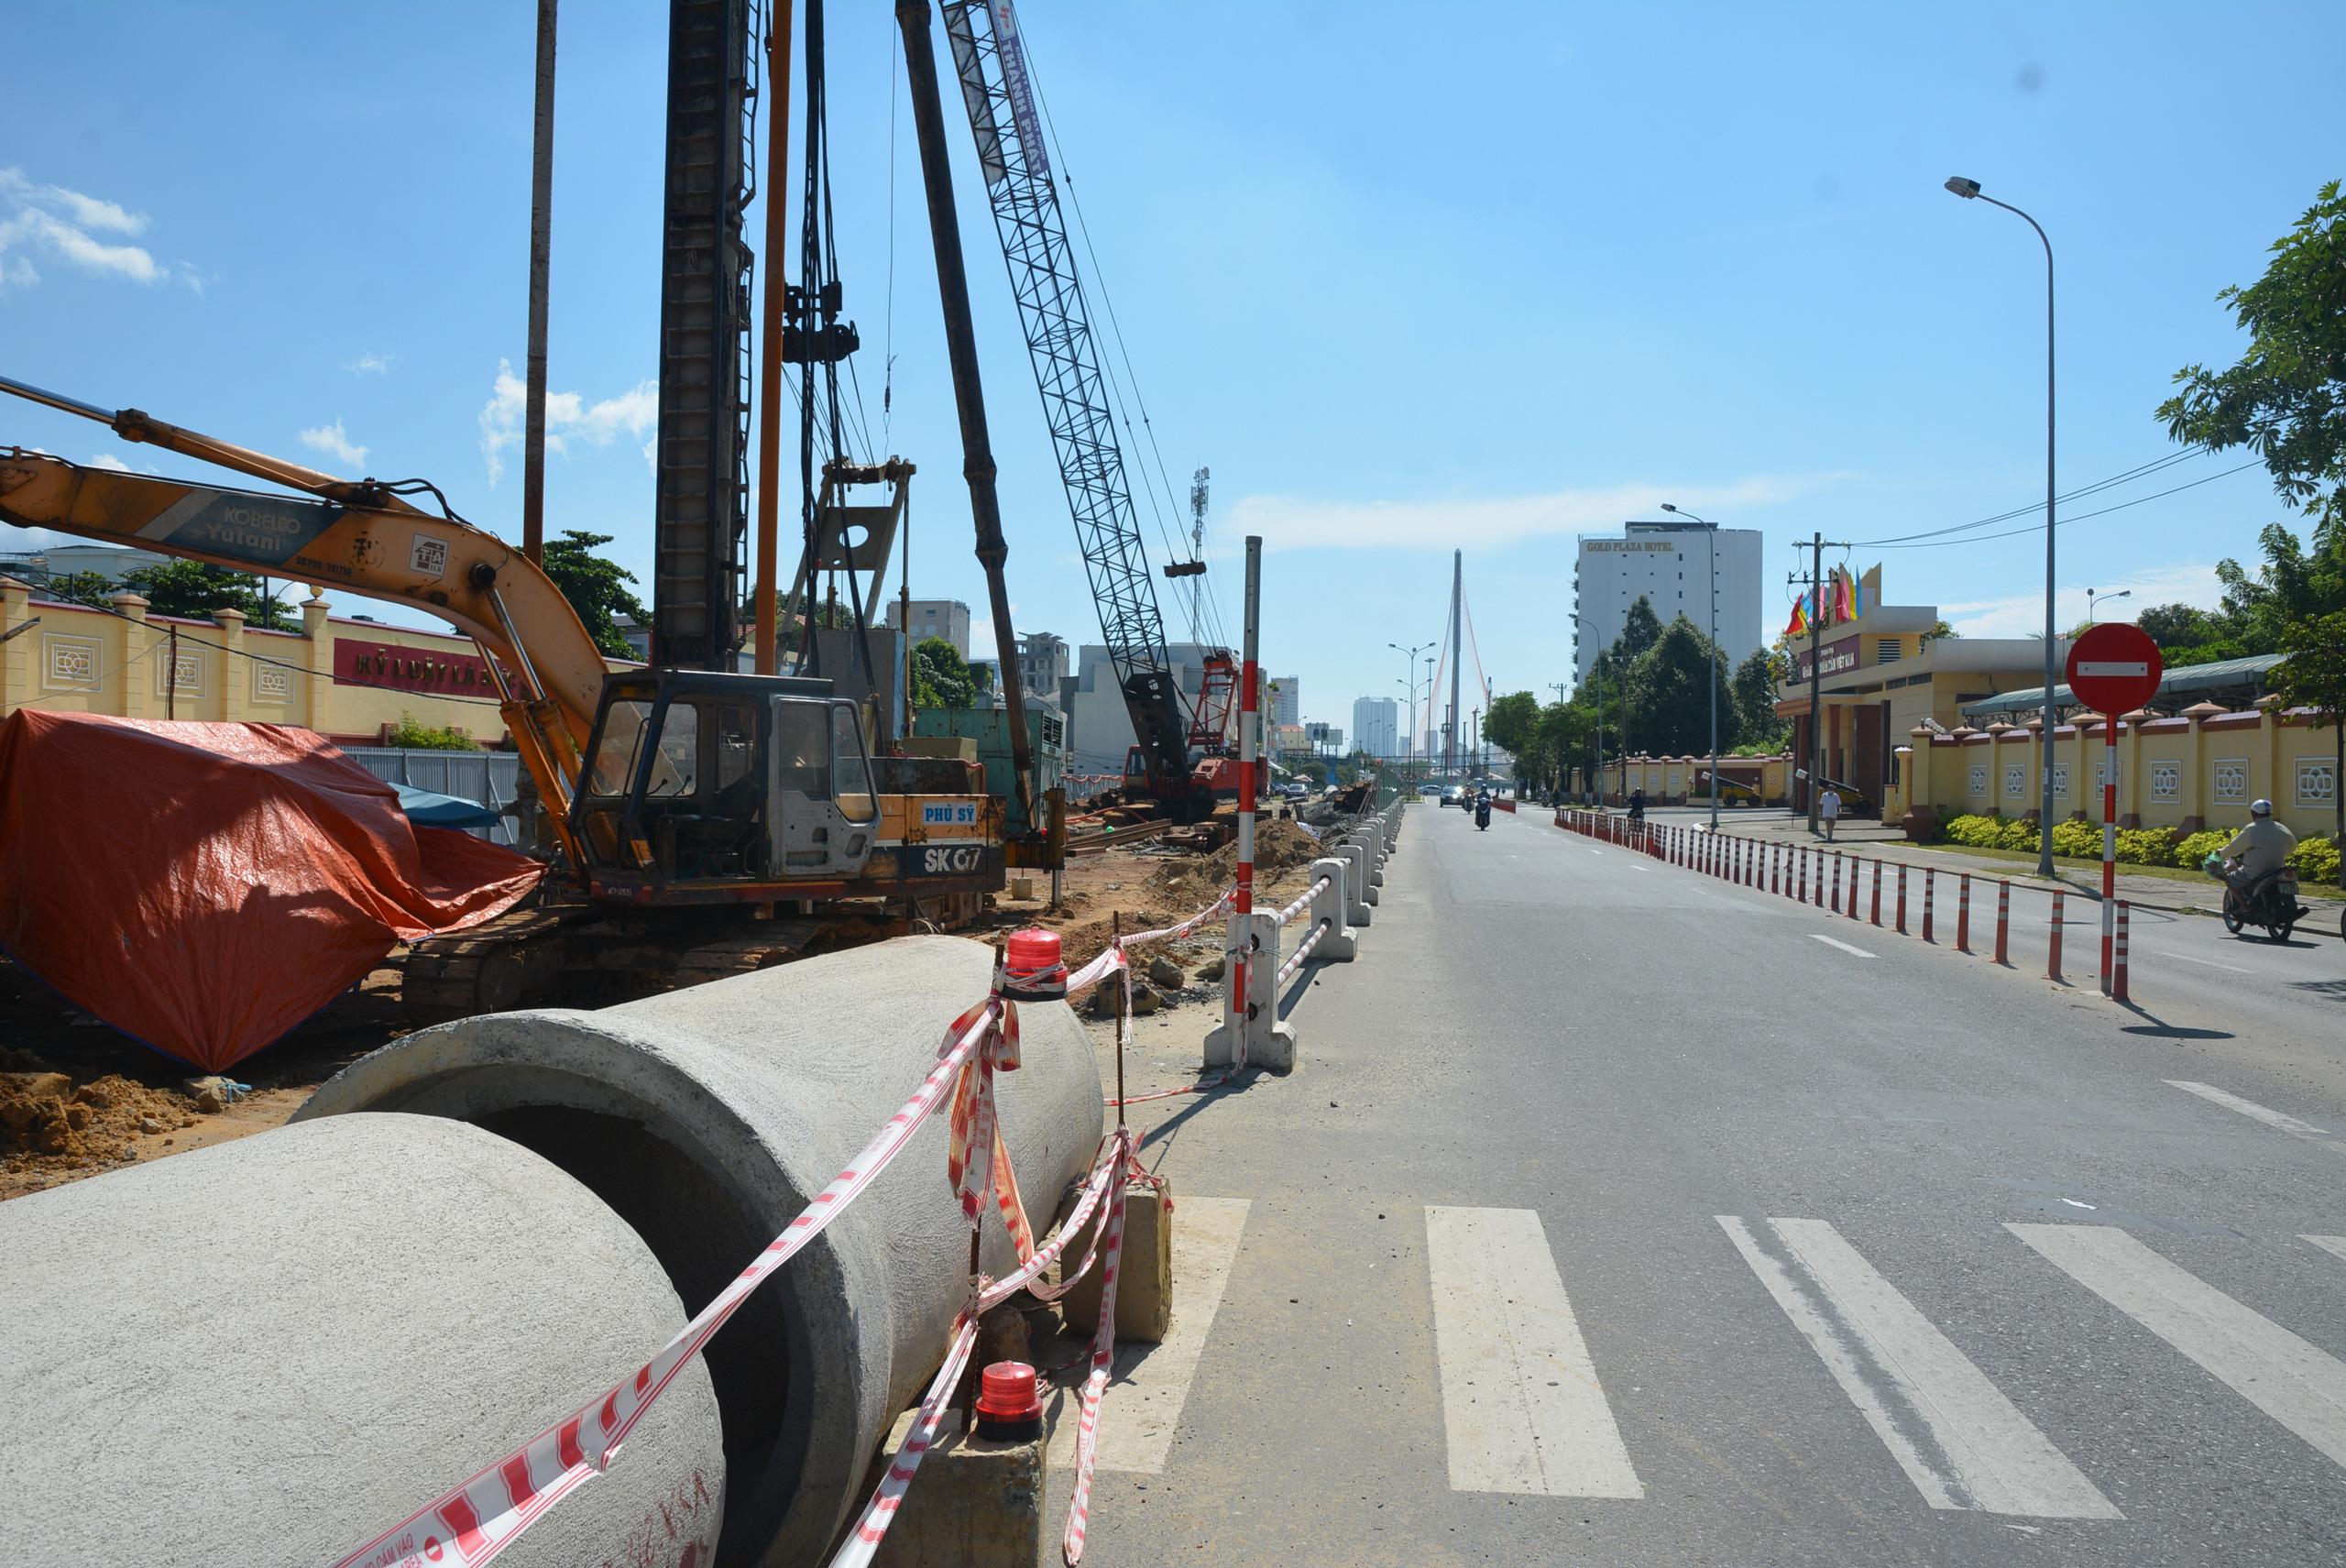 Dự án cầu, hầm phía Tây cầu Trần Thị Lý Đà Nẵng hơn 700 tỷ đồng bị trễ tiến độ - Ảnh 1.